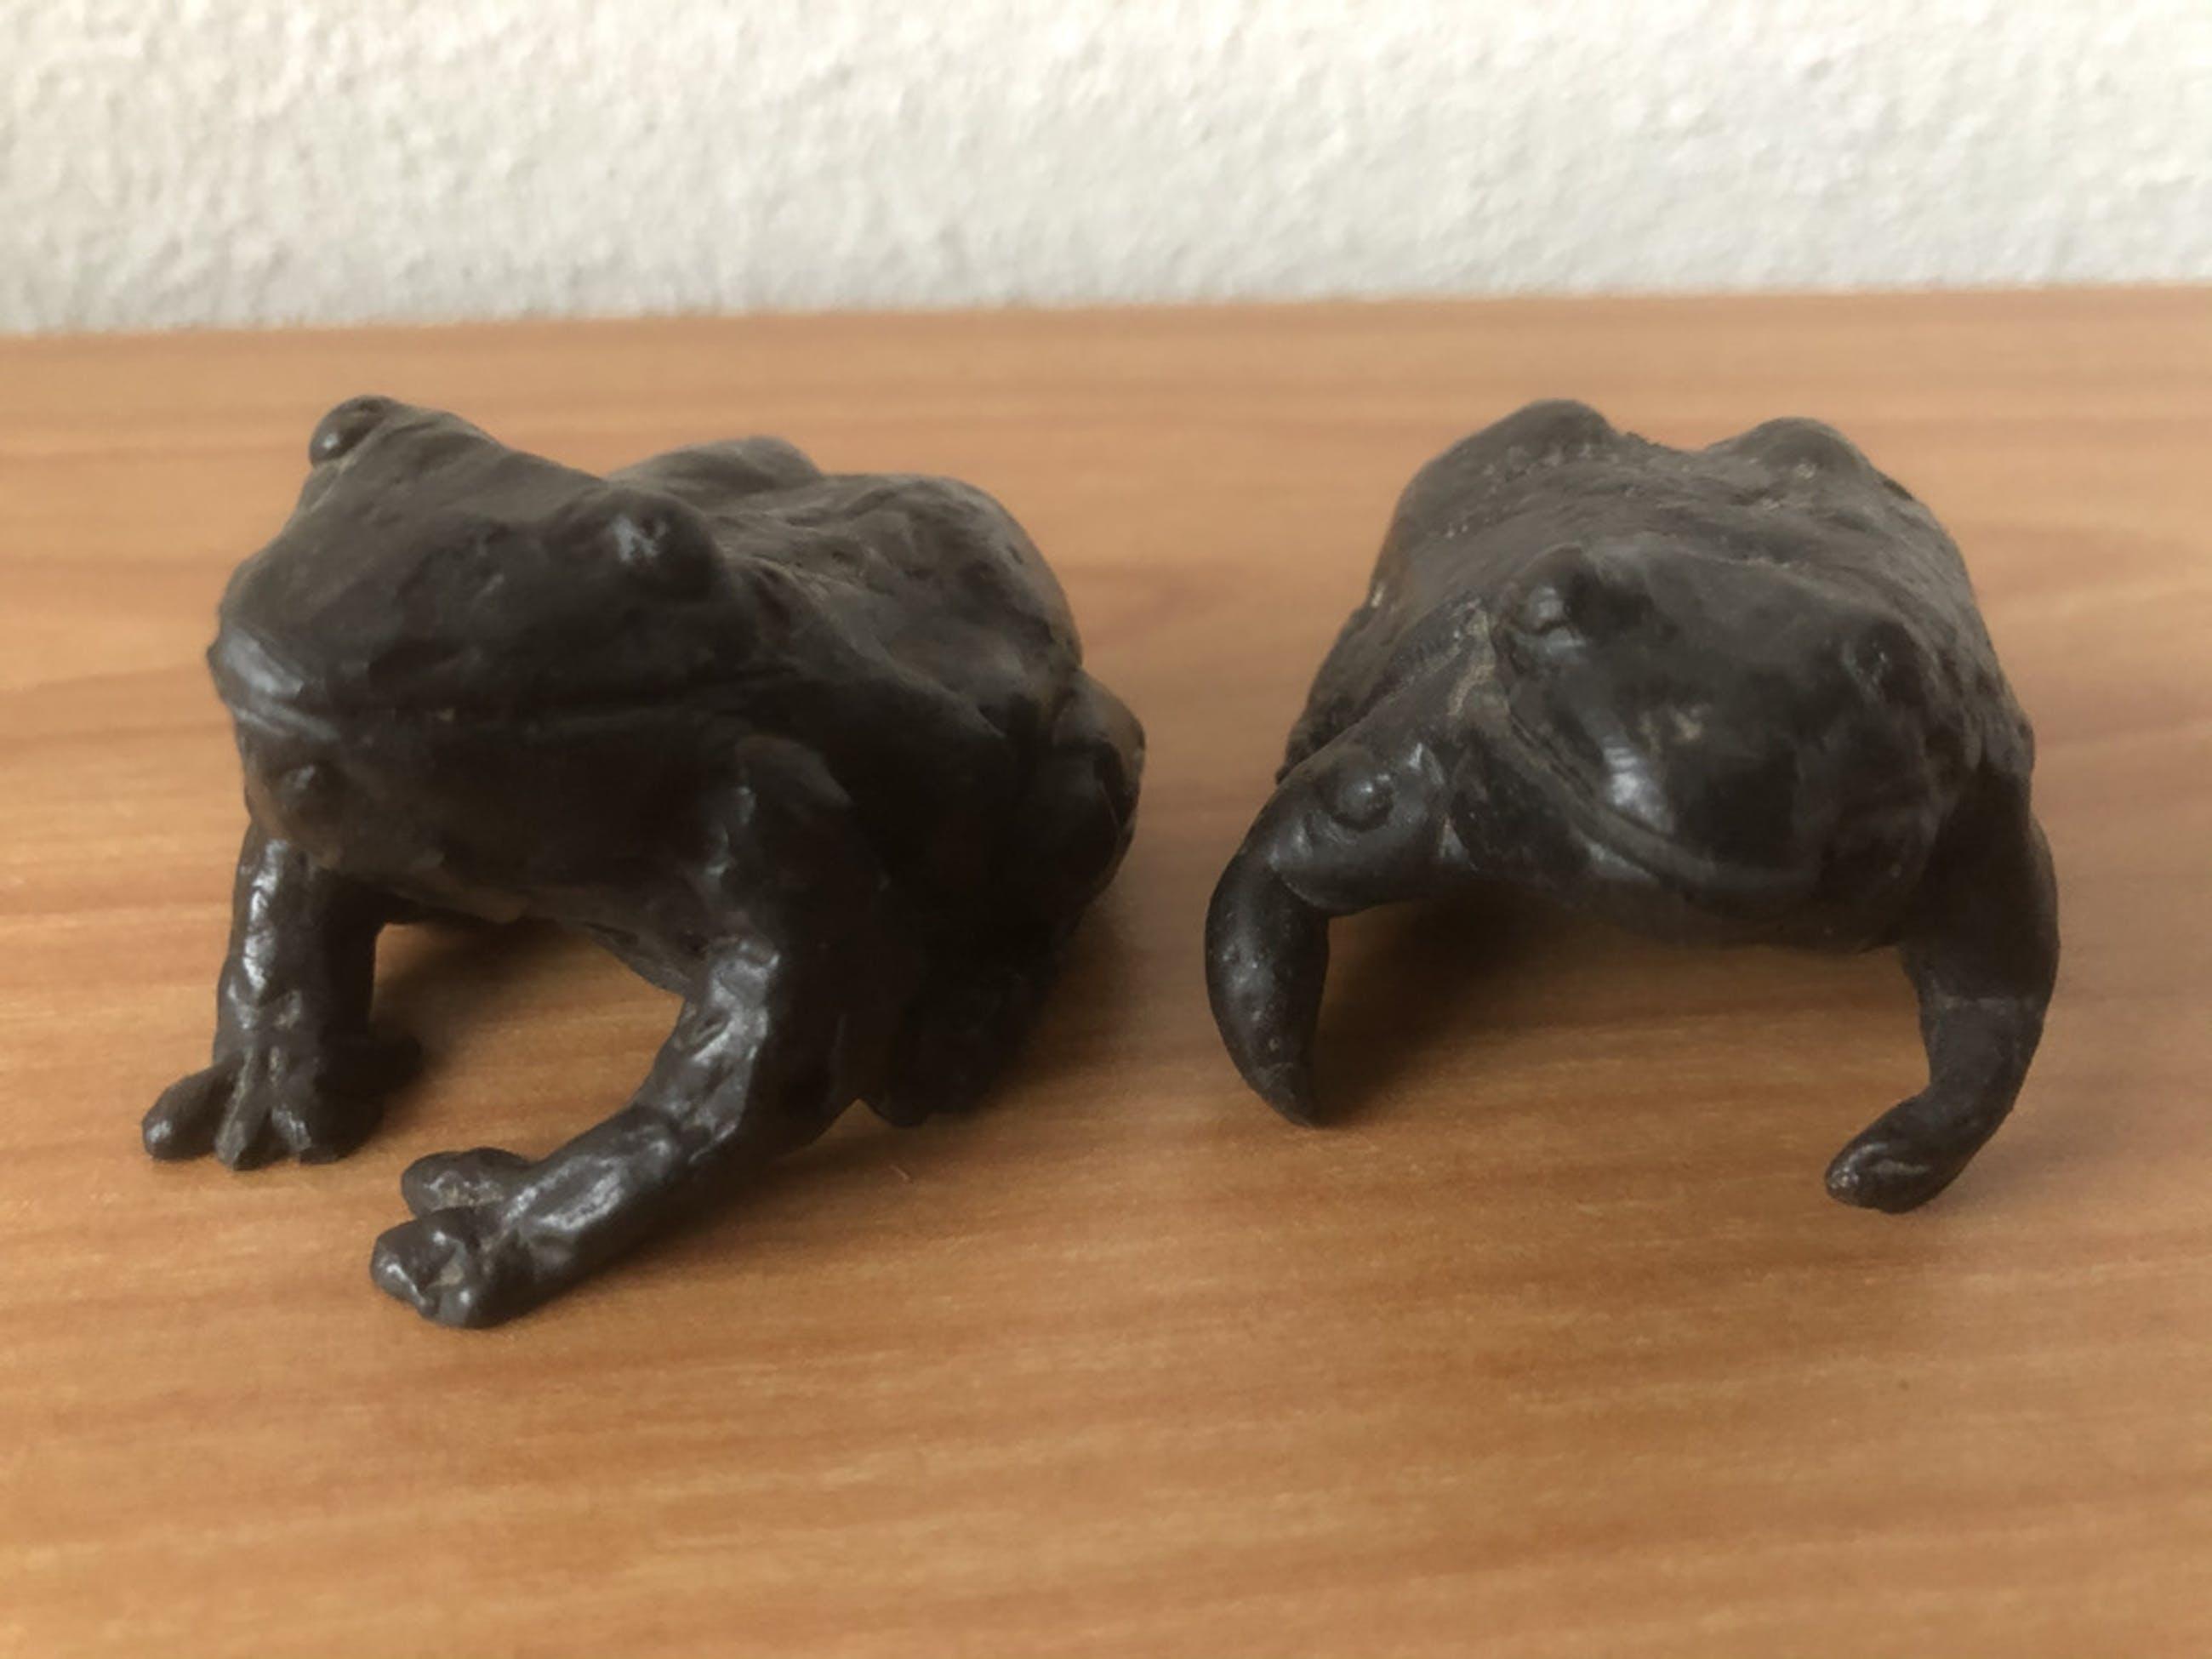 Brons (Onbekend) - Prachtig beeldje van 2 kikkers / kunnen ook apart kopen? Bied vanaf 35!